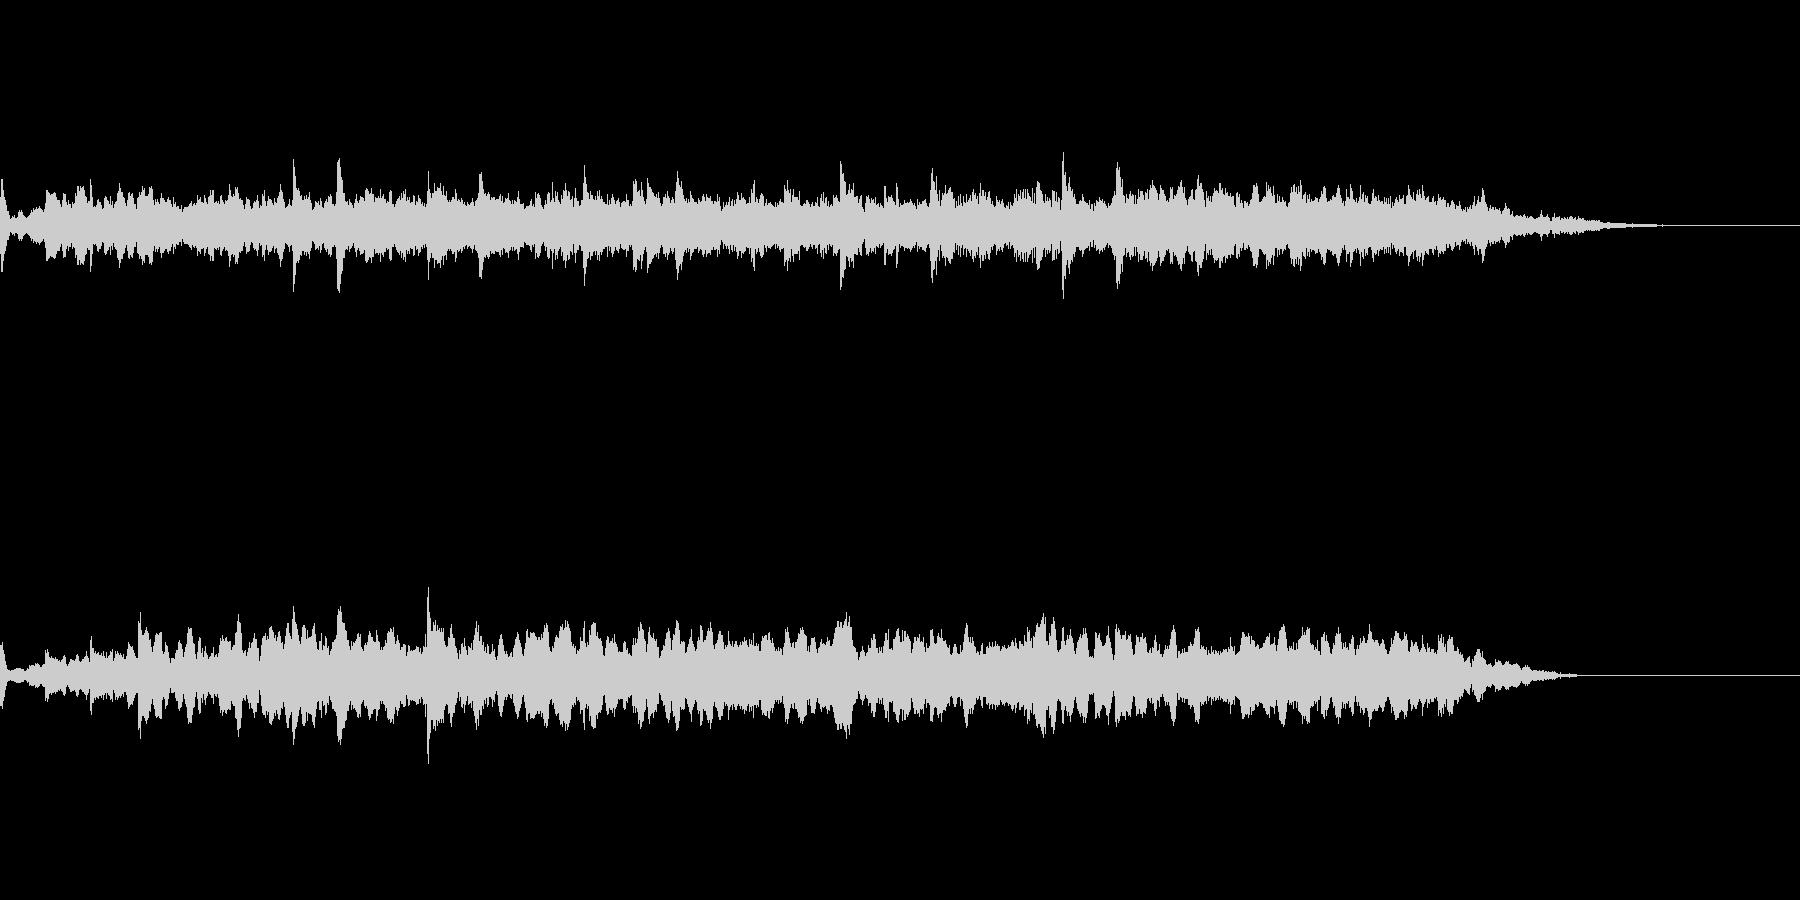 劇伴用の短いアンビエント風効果音の未再生の波形